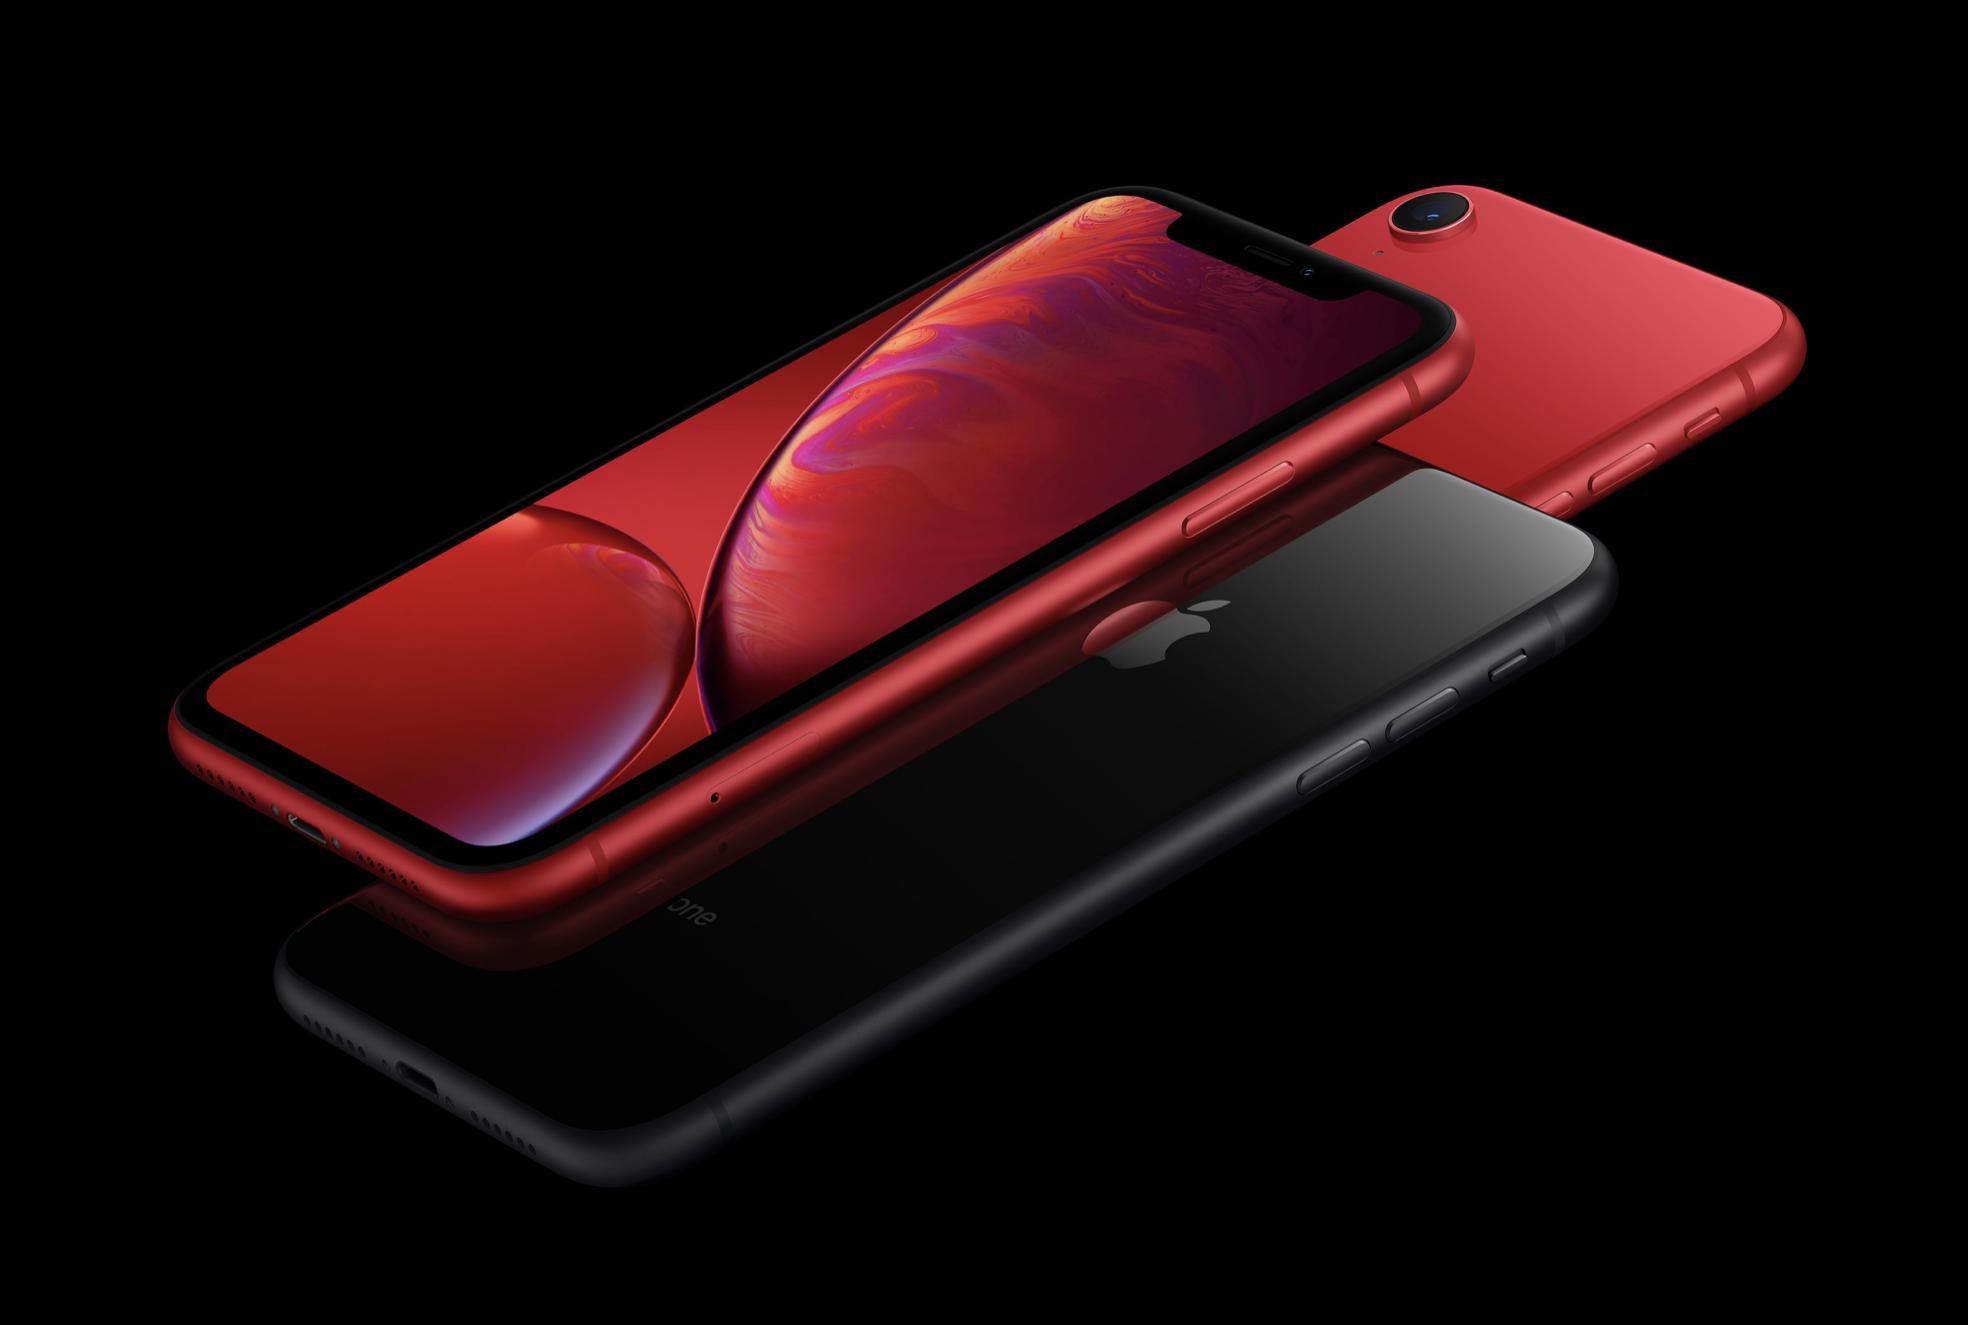 中国と台湾の投資グループは、AppleサプライヤーJapan Displayの救済資金を延期